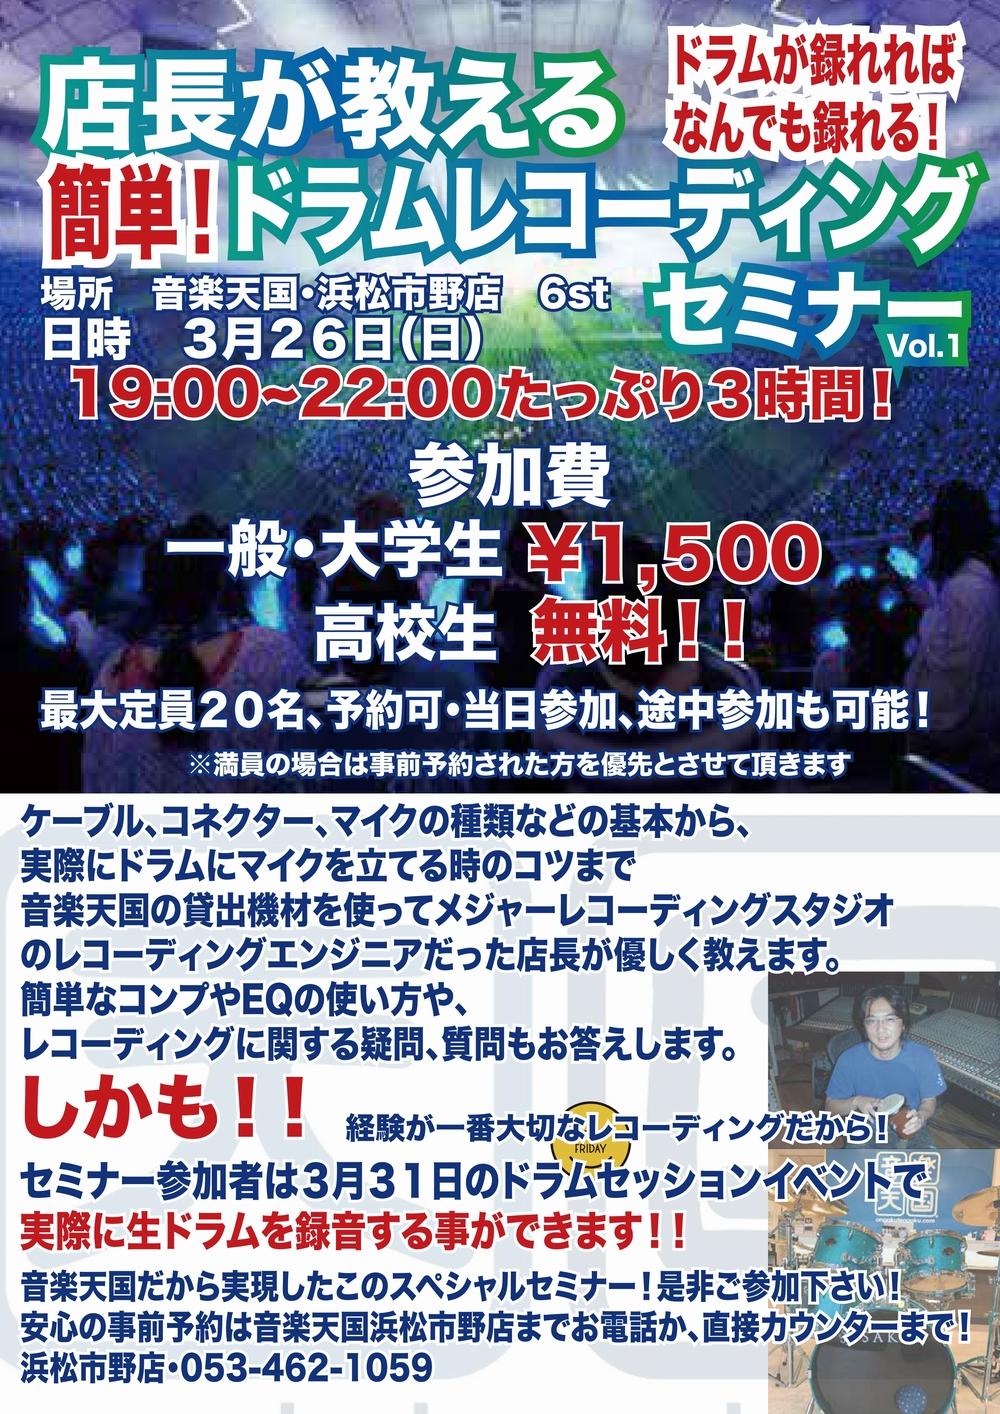 【セミナー】ドラムレコーディング 音楽天国・浜松市野店3月26日(日)開催